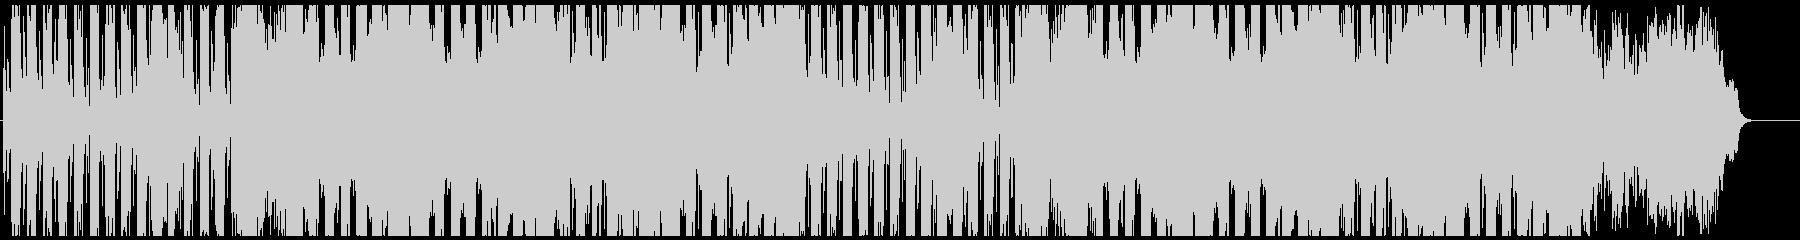 和楽器とシンセの和風楽曲の未再生の波形